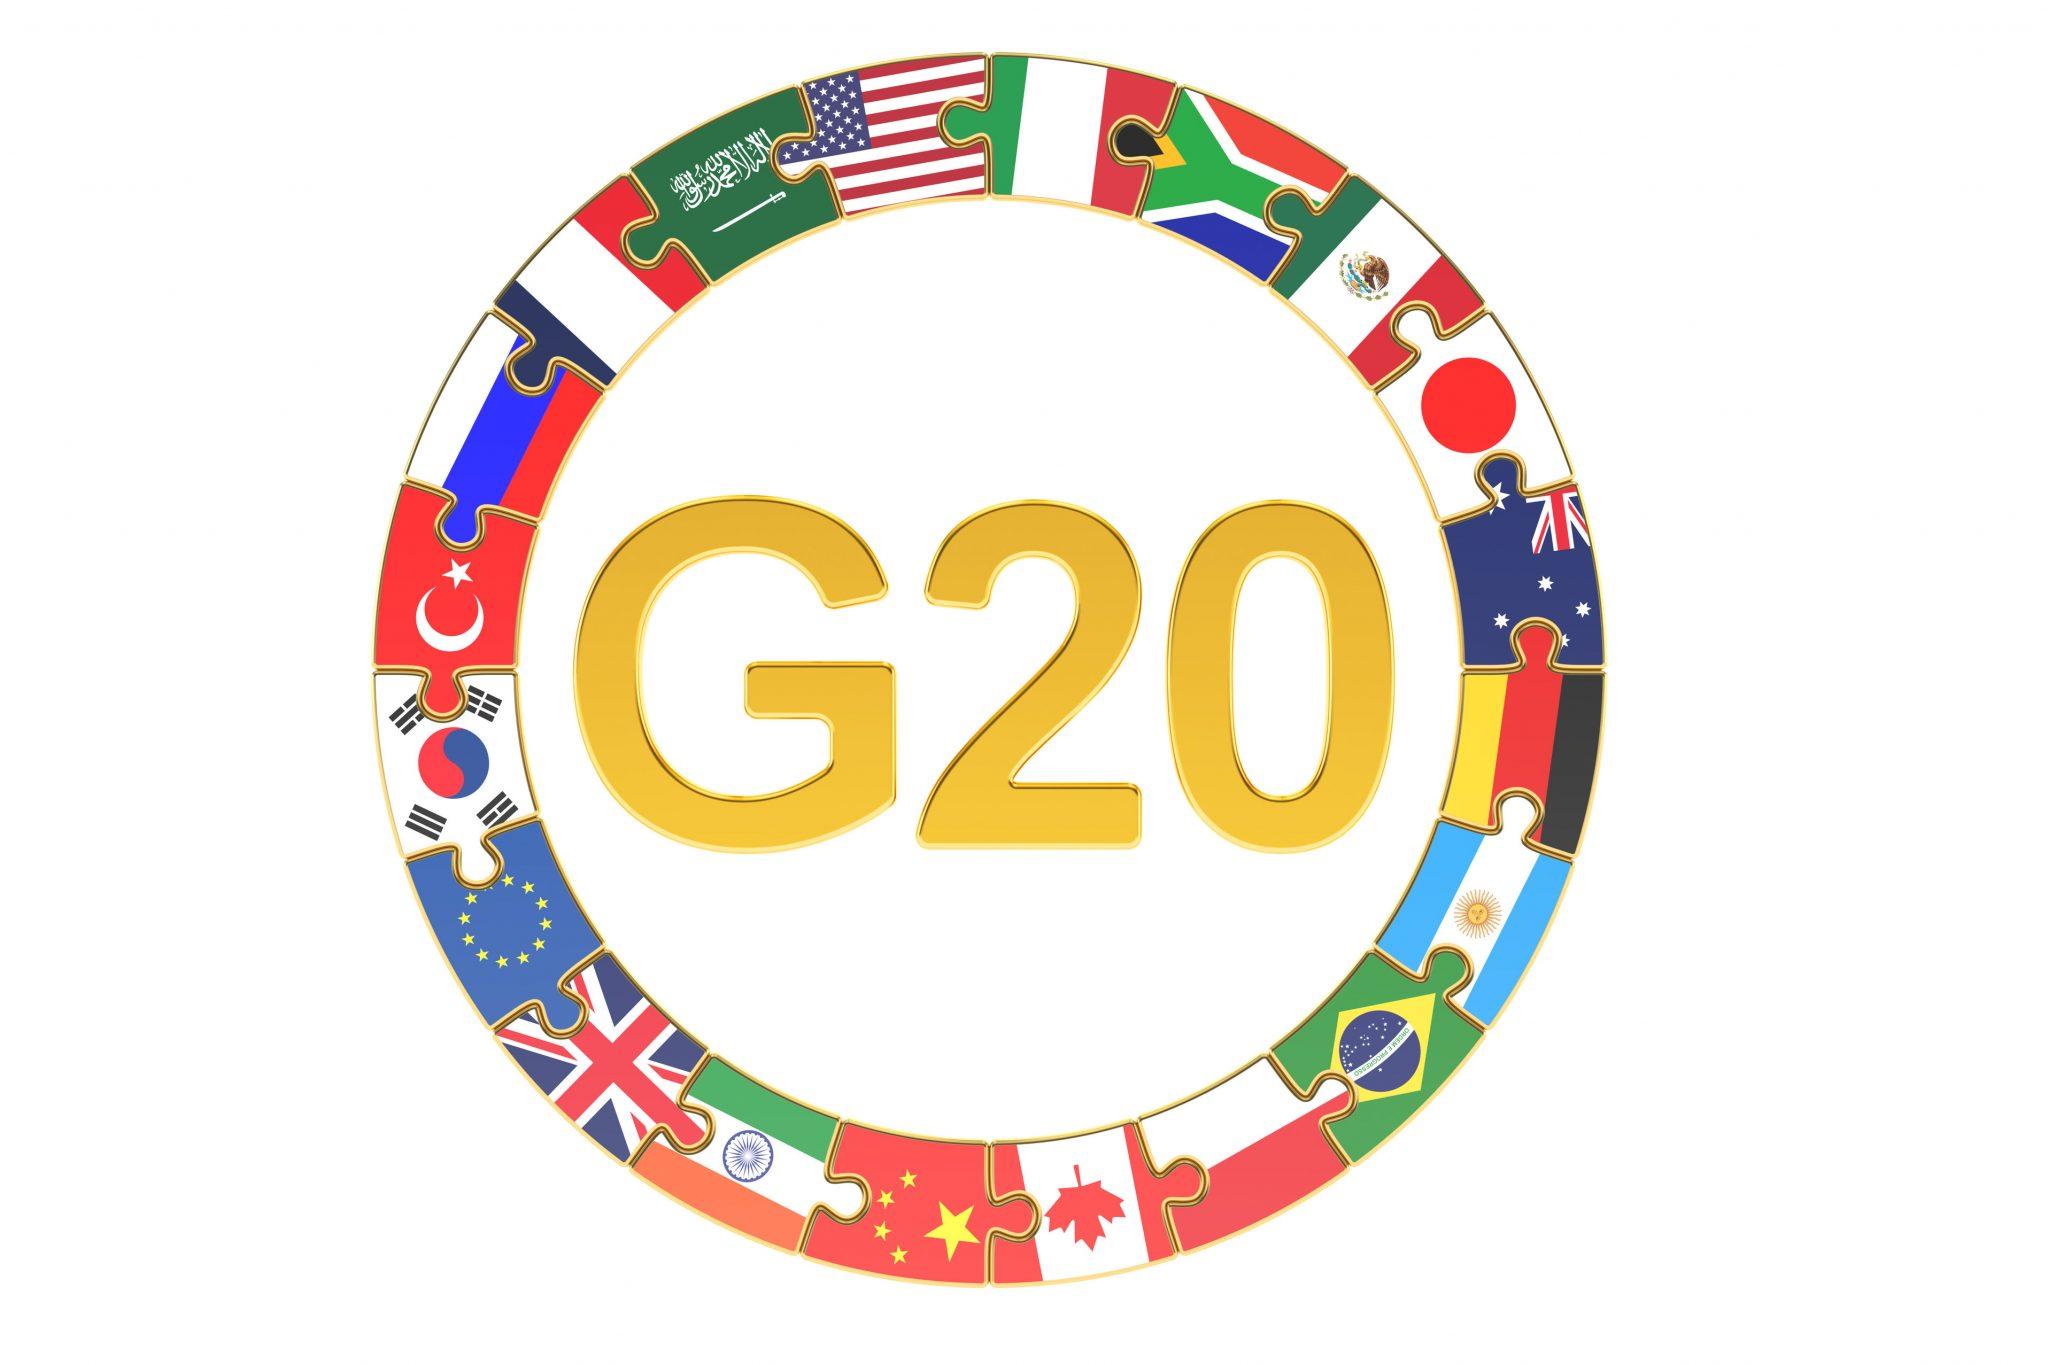 МВФ и Всемирный банк обещают поддержать борьбу G20 с глобальными климатическими рисками